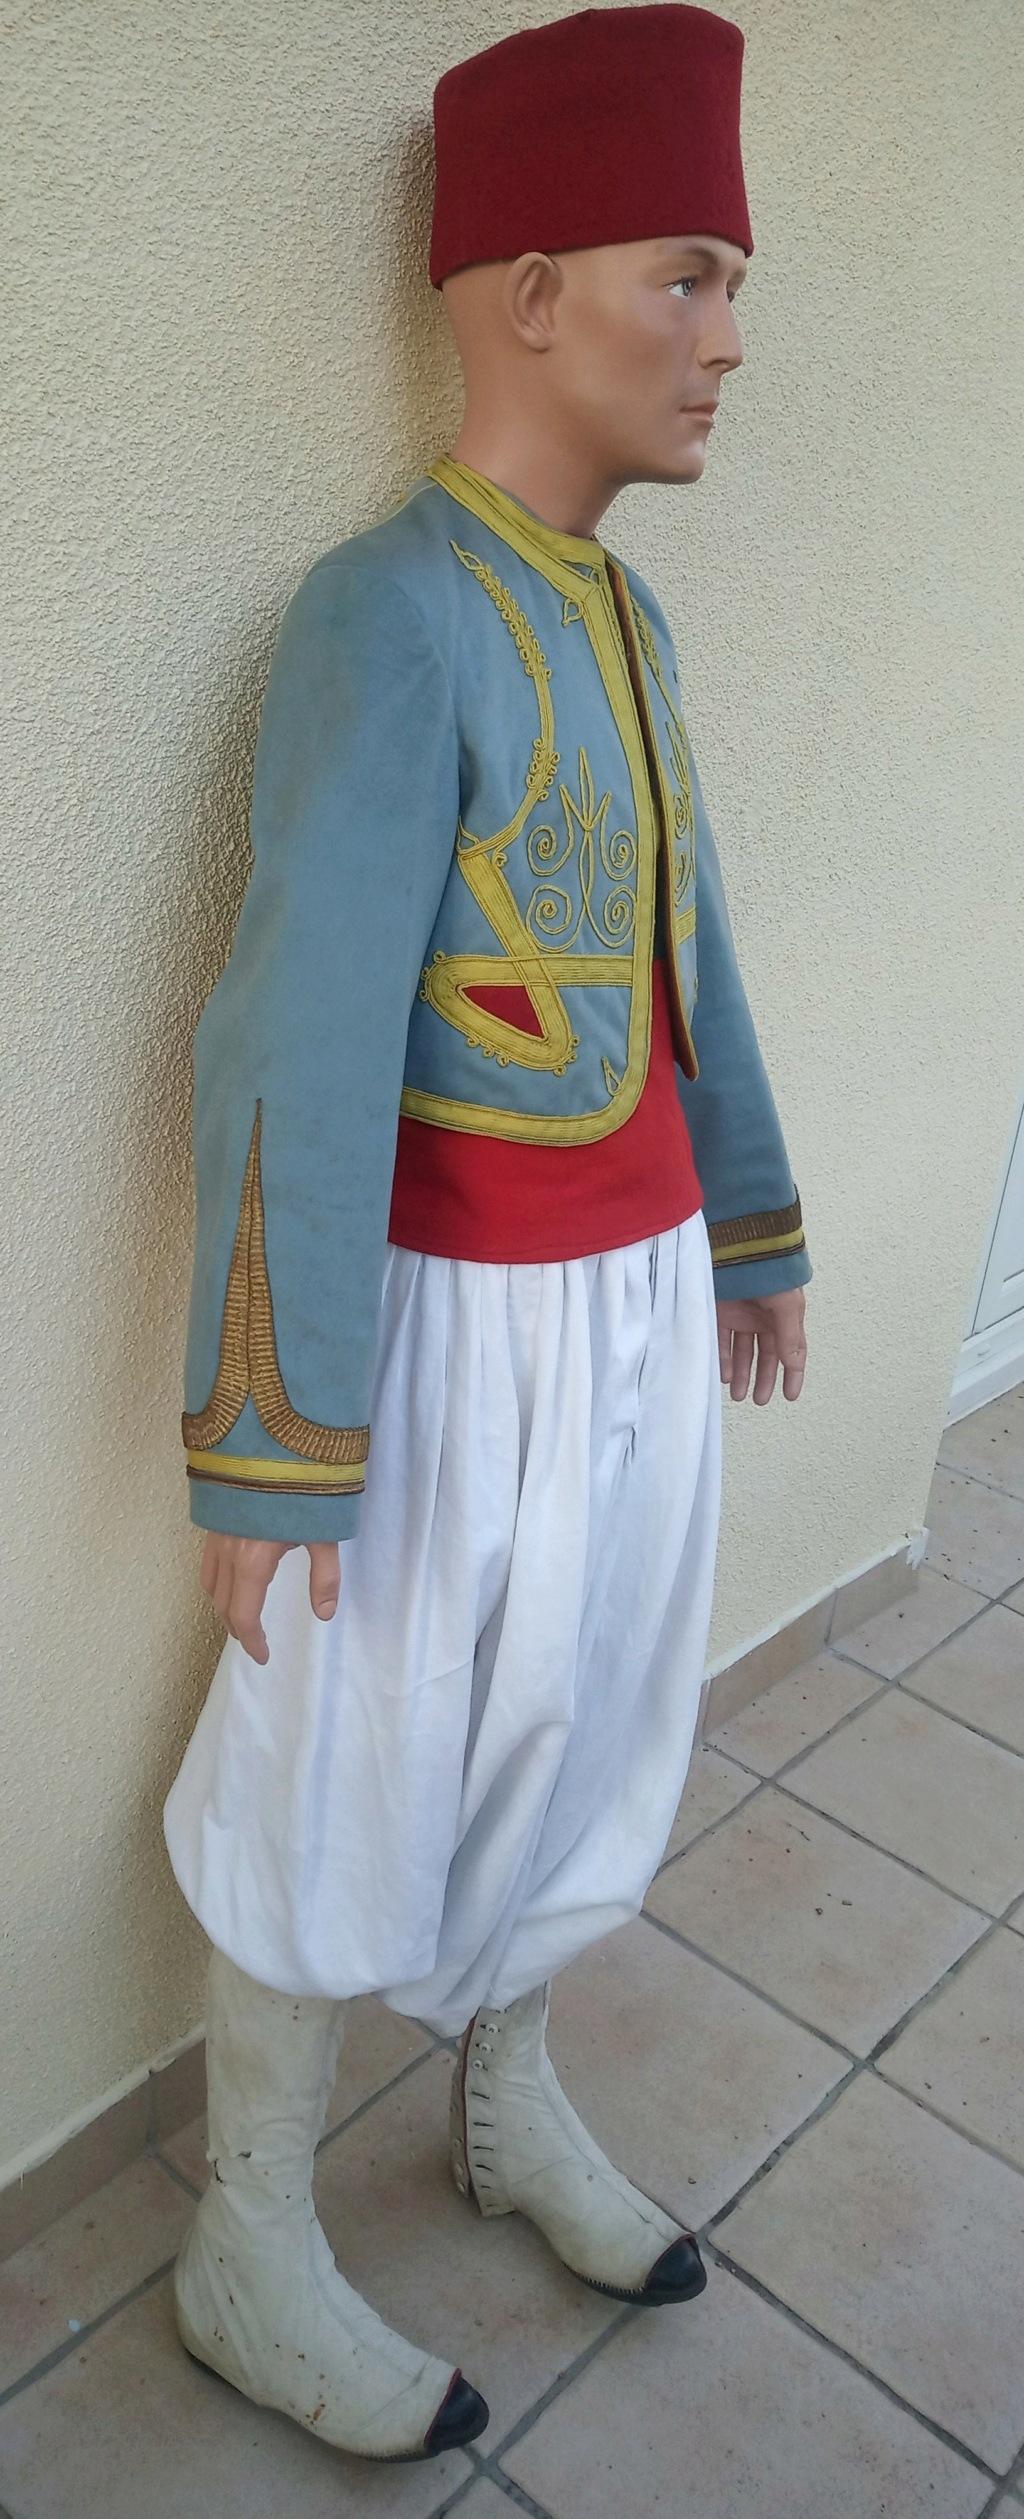 Mon premier mannequin :Sous-officier indigène de Tirailleurs Algériens vers 1910 Img_2646